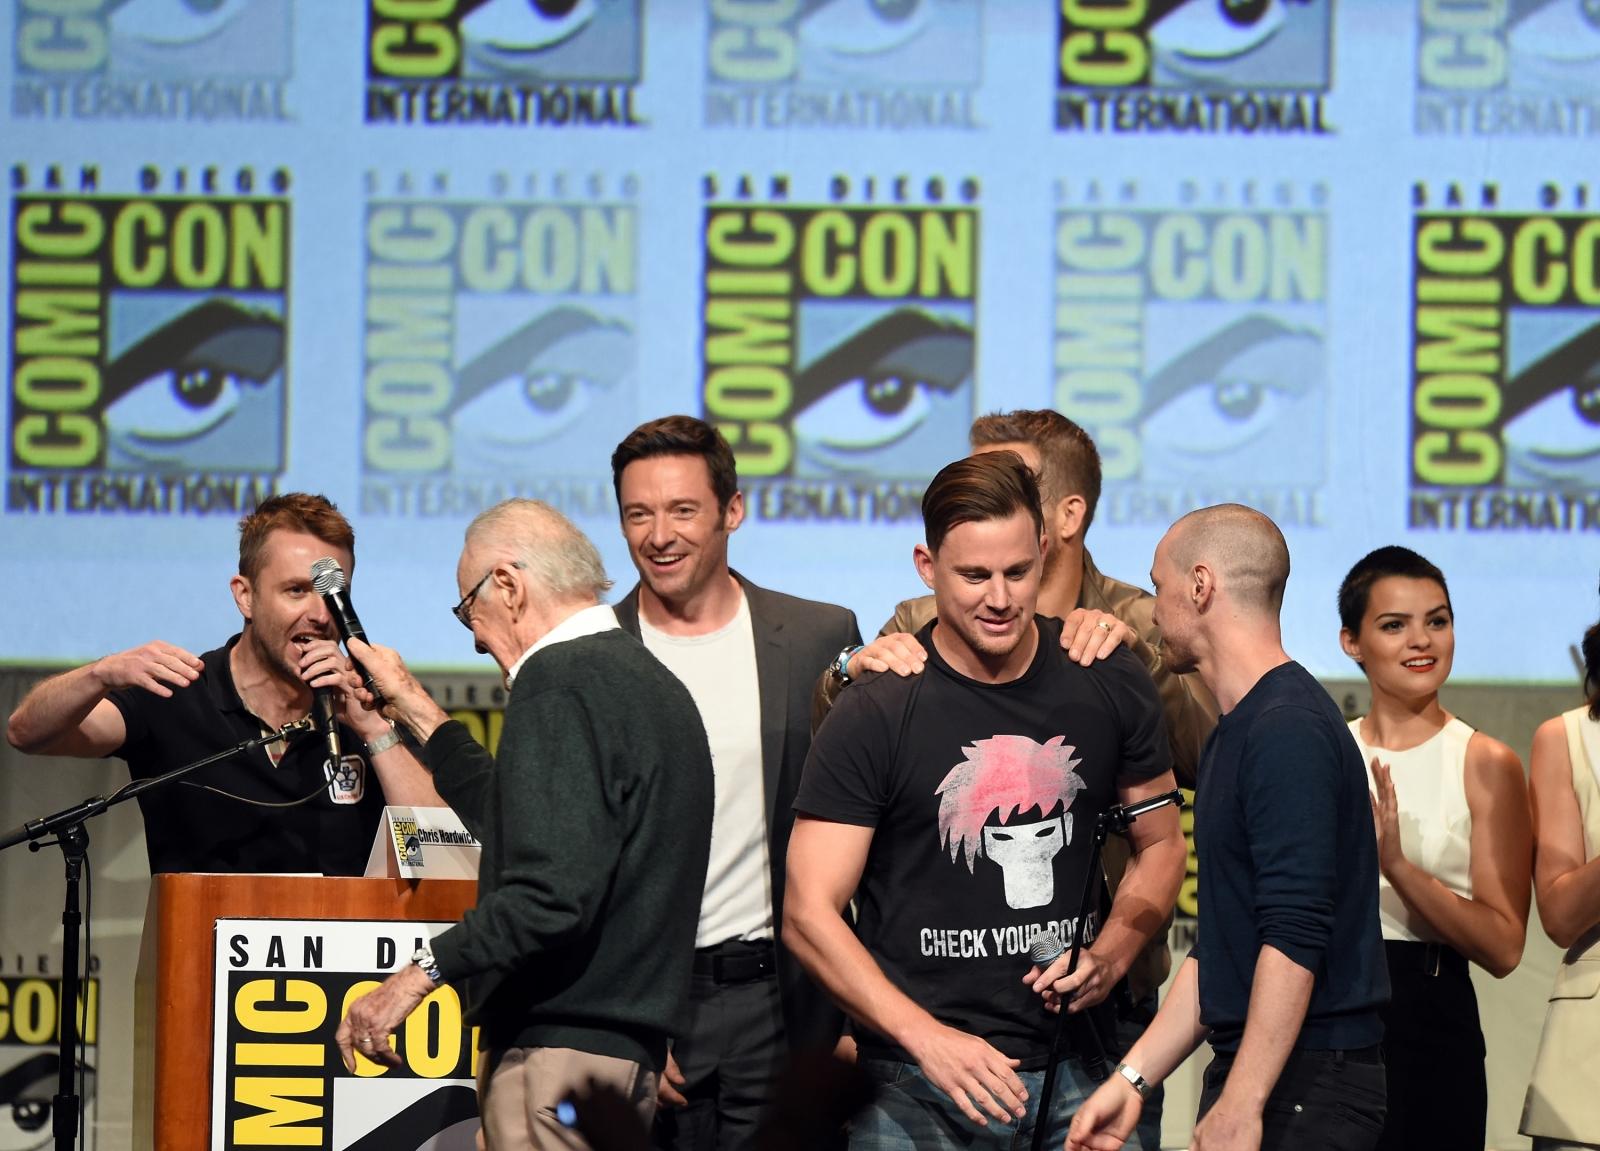 Channing Tatum at Comic Con 2015